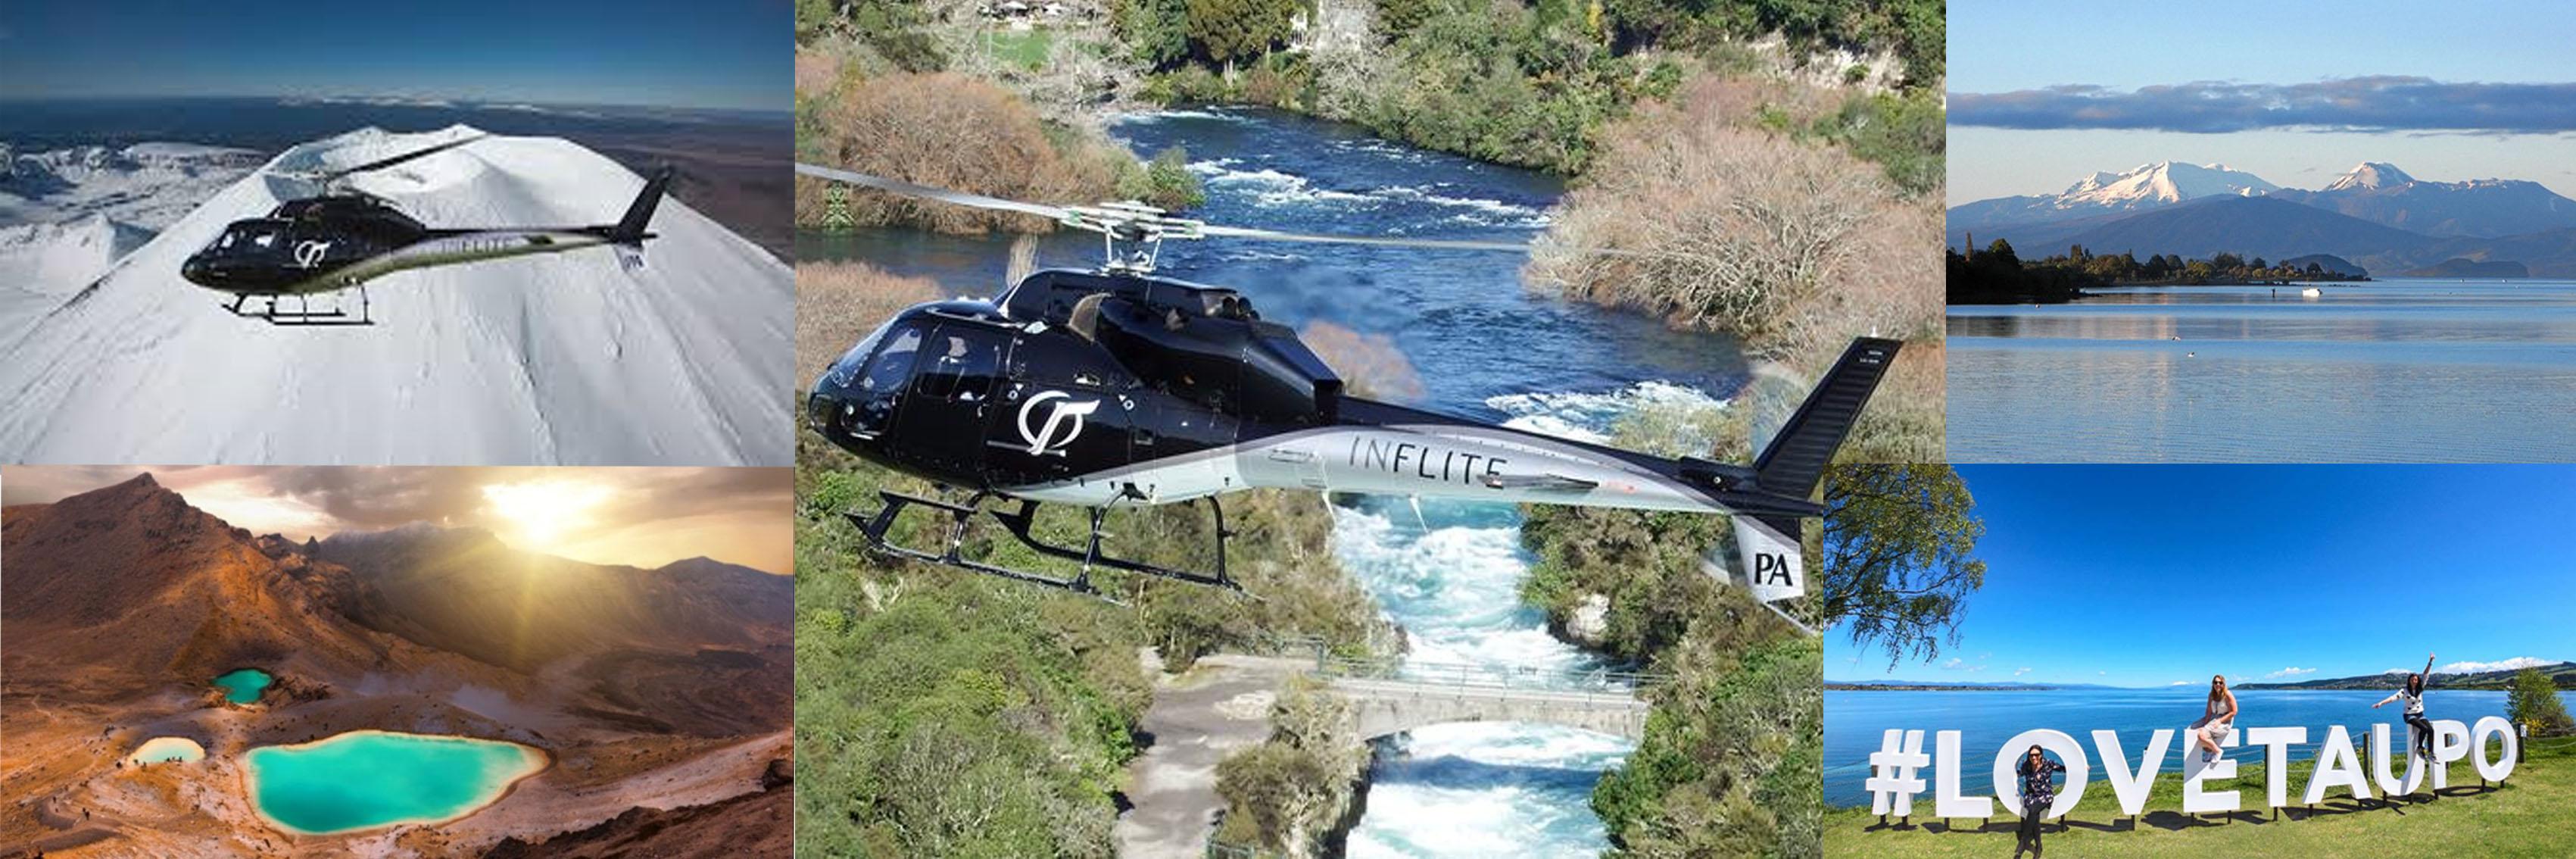 Heli - Taupo Experience 1250x450